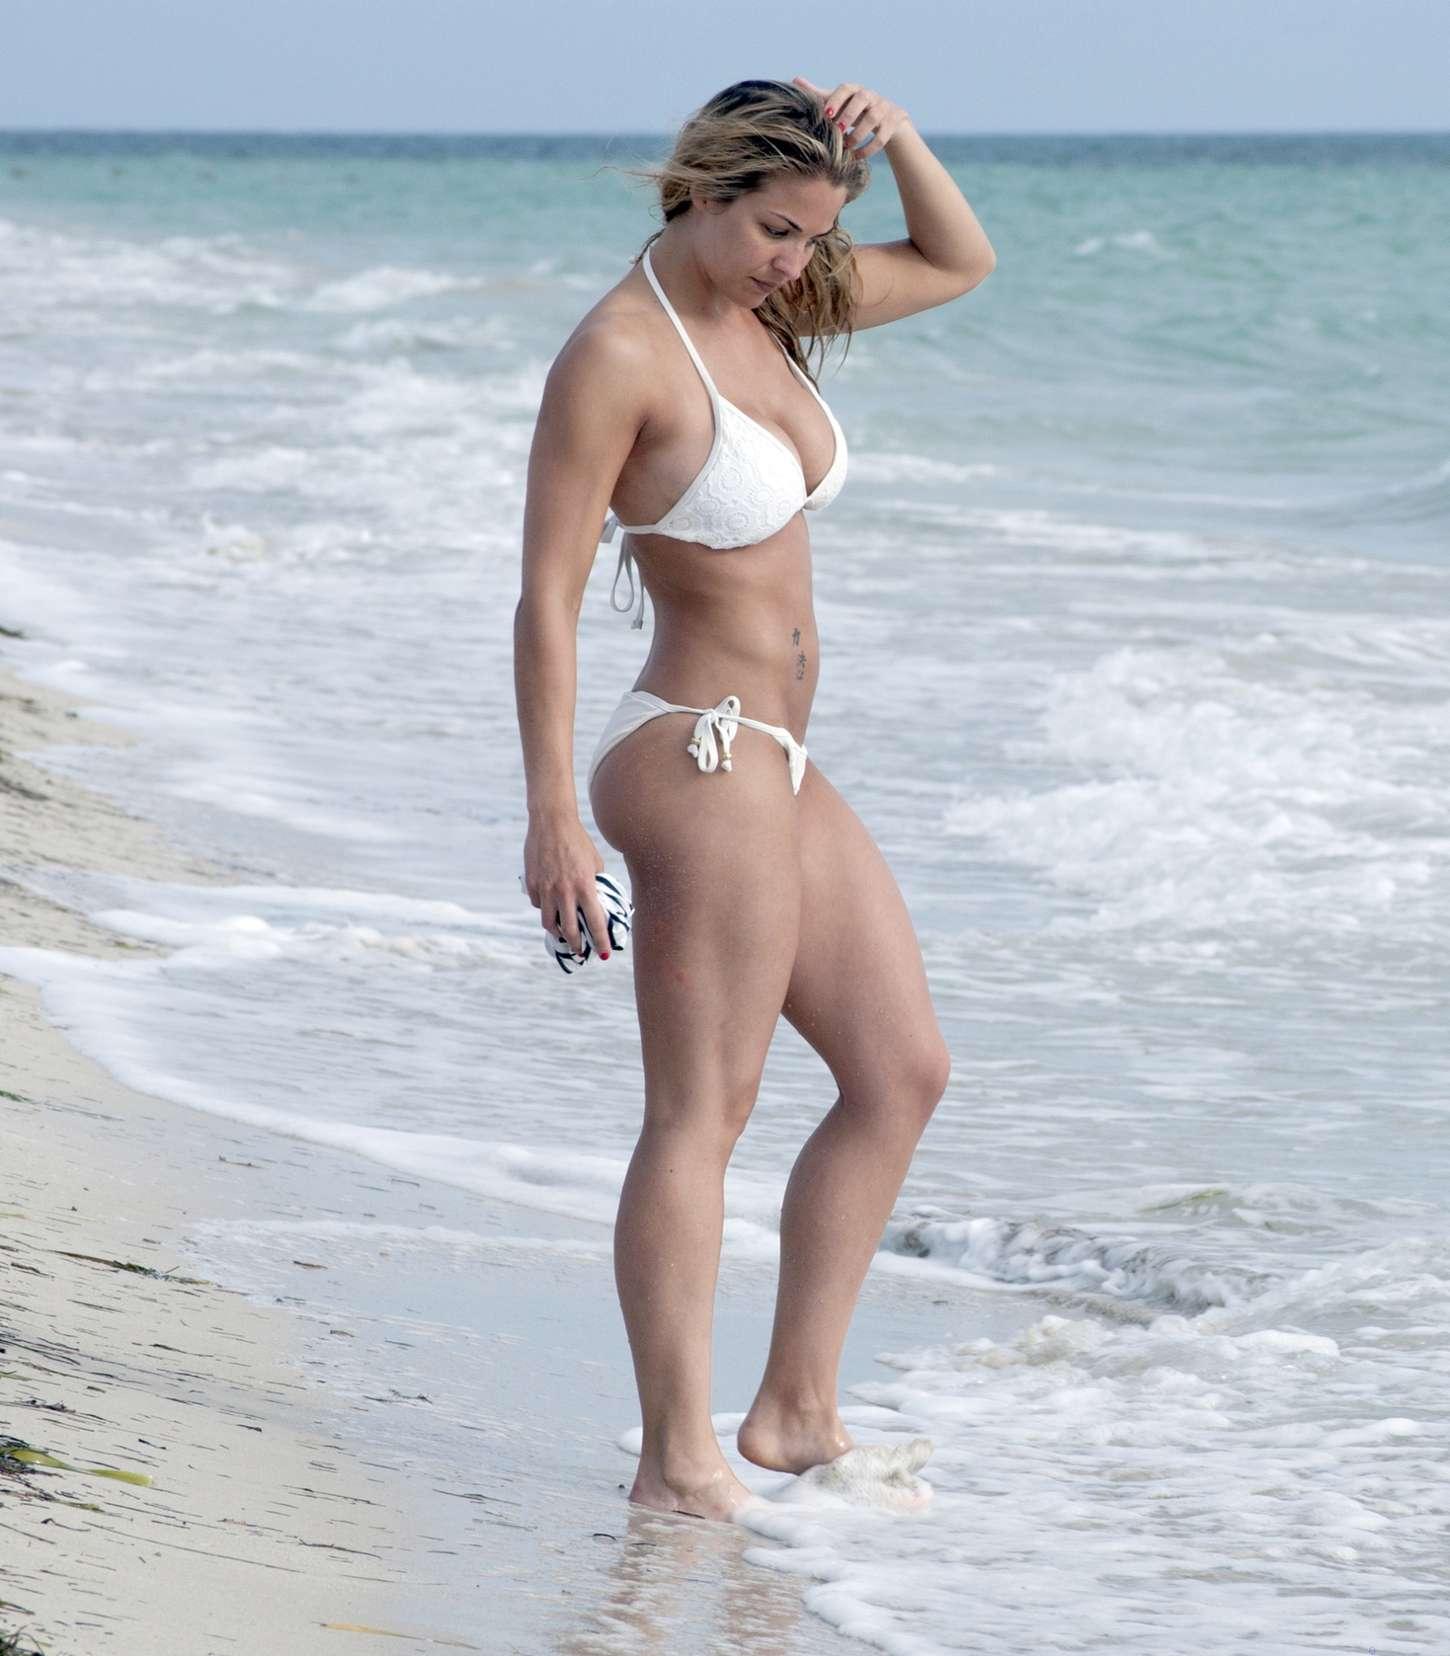 Gemma-Atkinson-in-White-Bikini--11.jpg